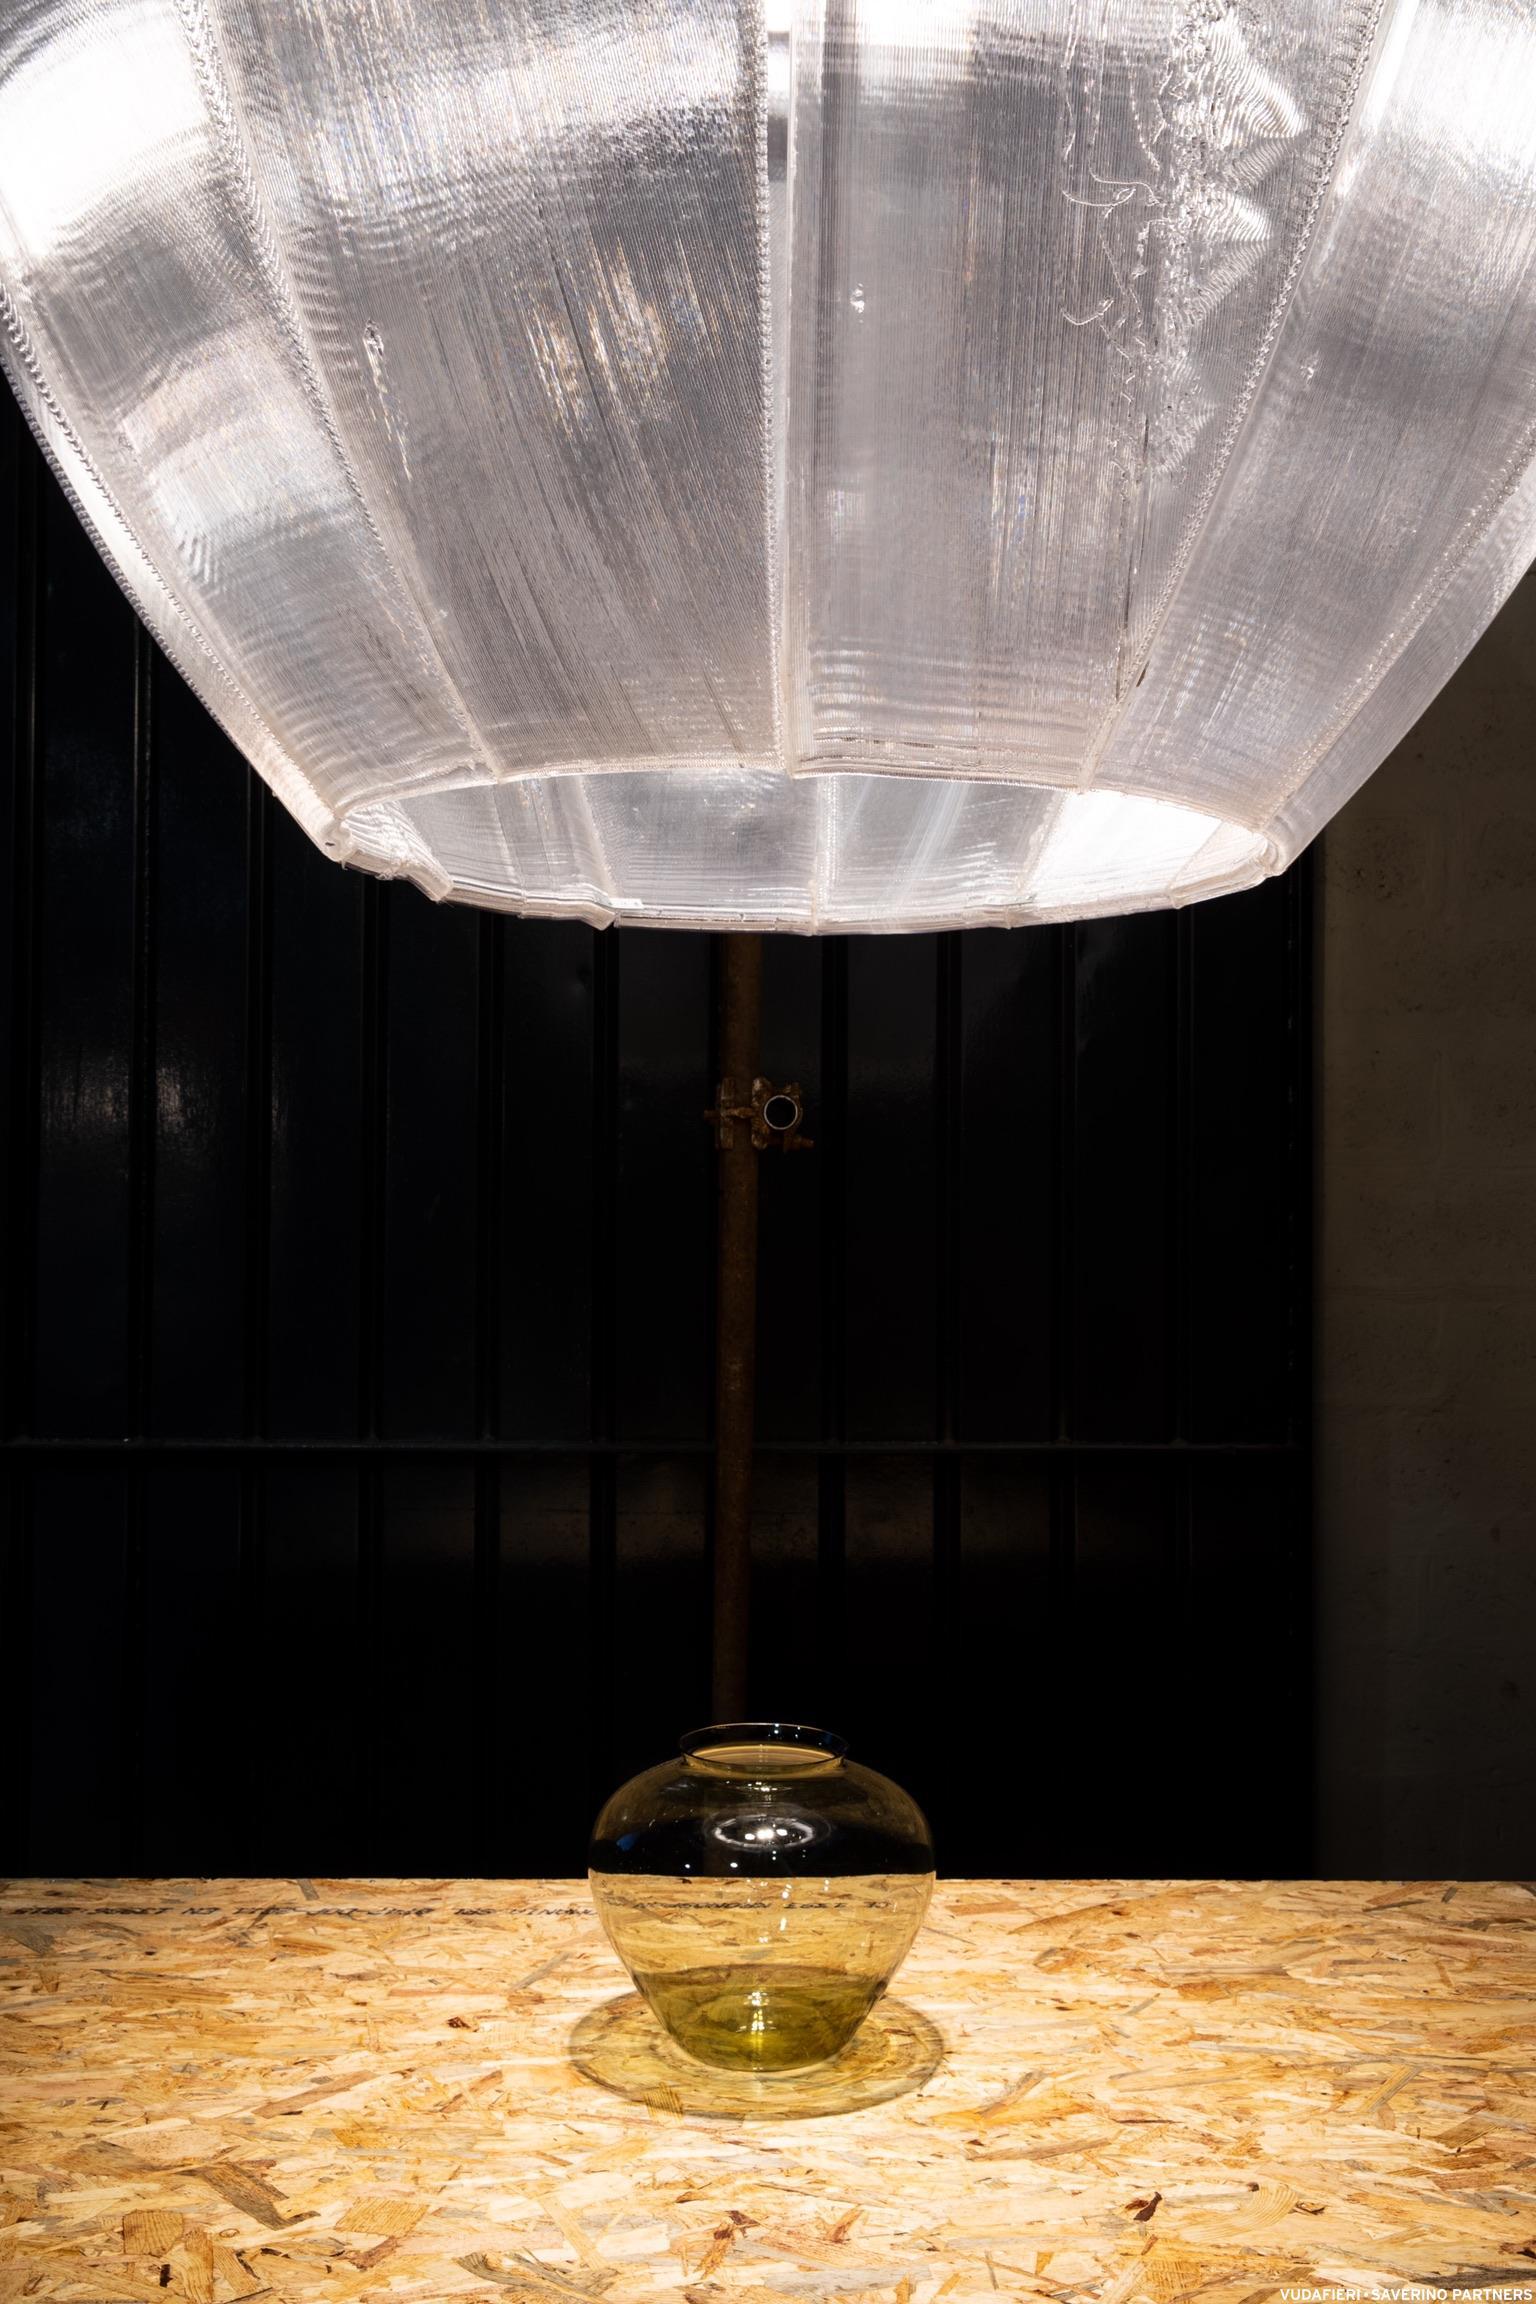 Keine Frage - diese Wilhelm Lamp braucht große Räume. (Foto: Tiziano Vudafieri)